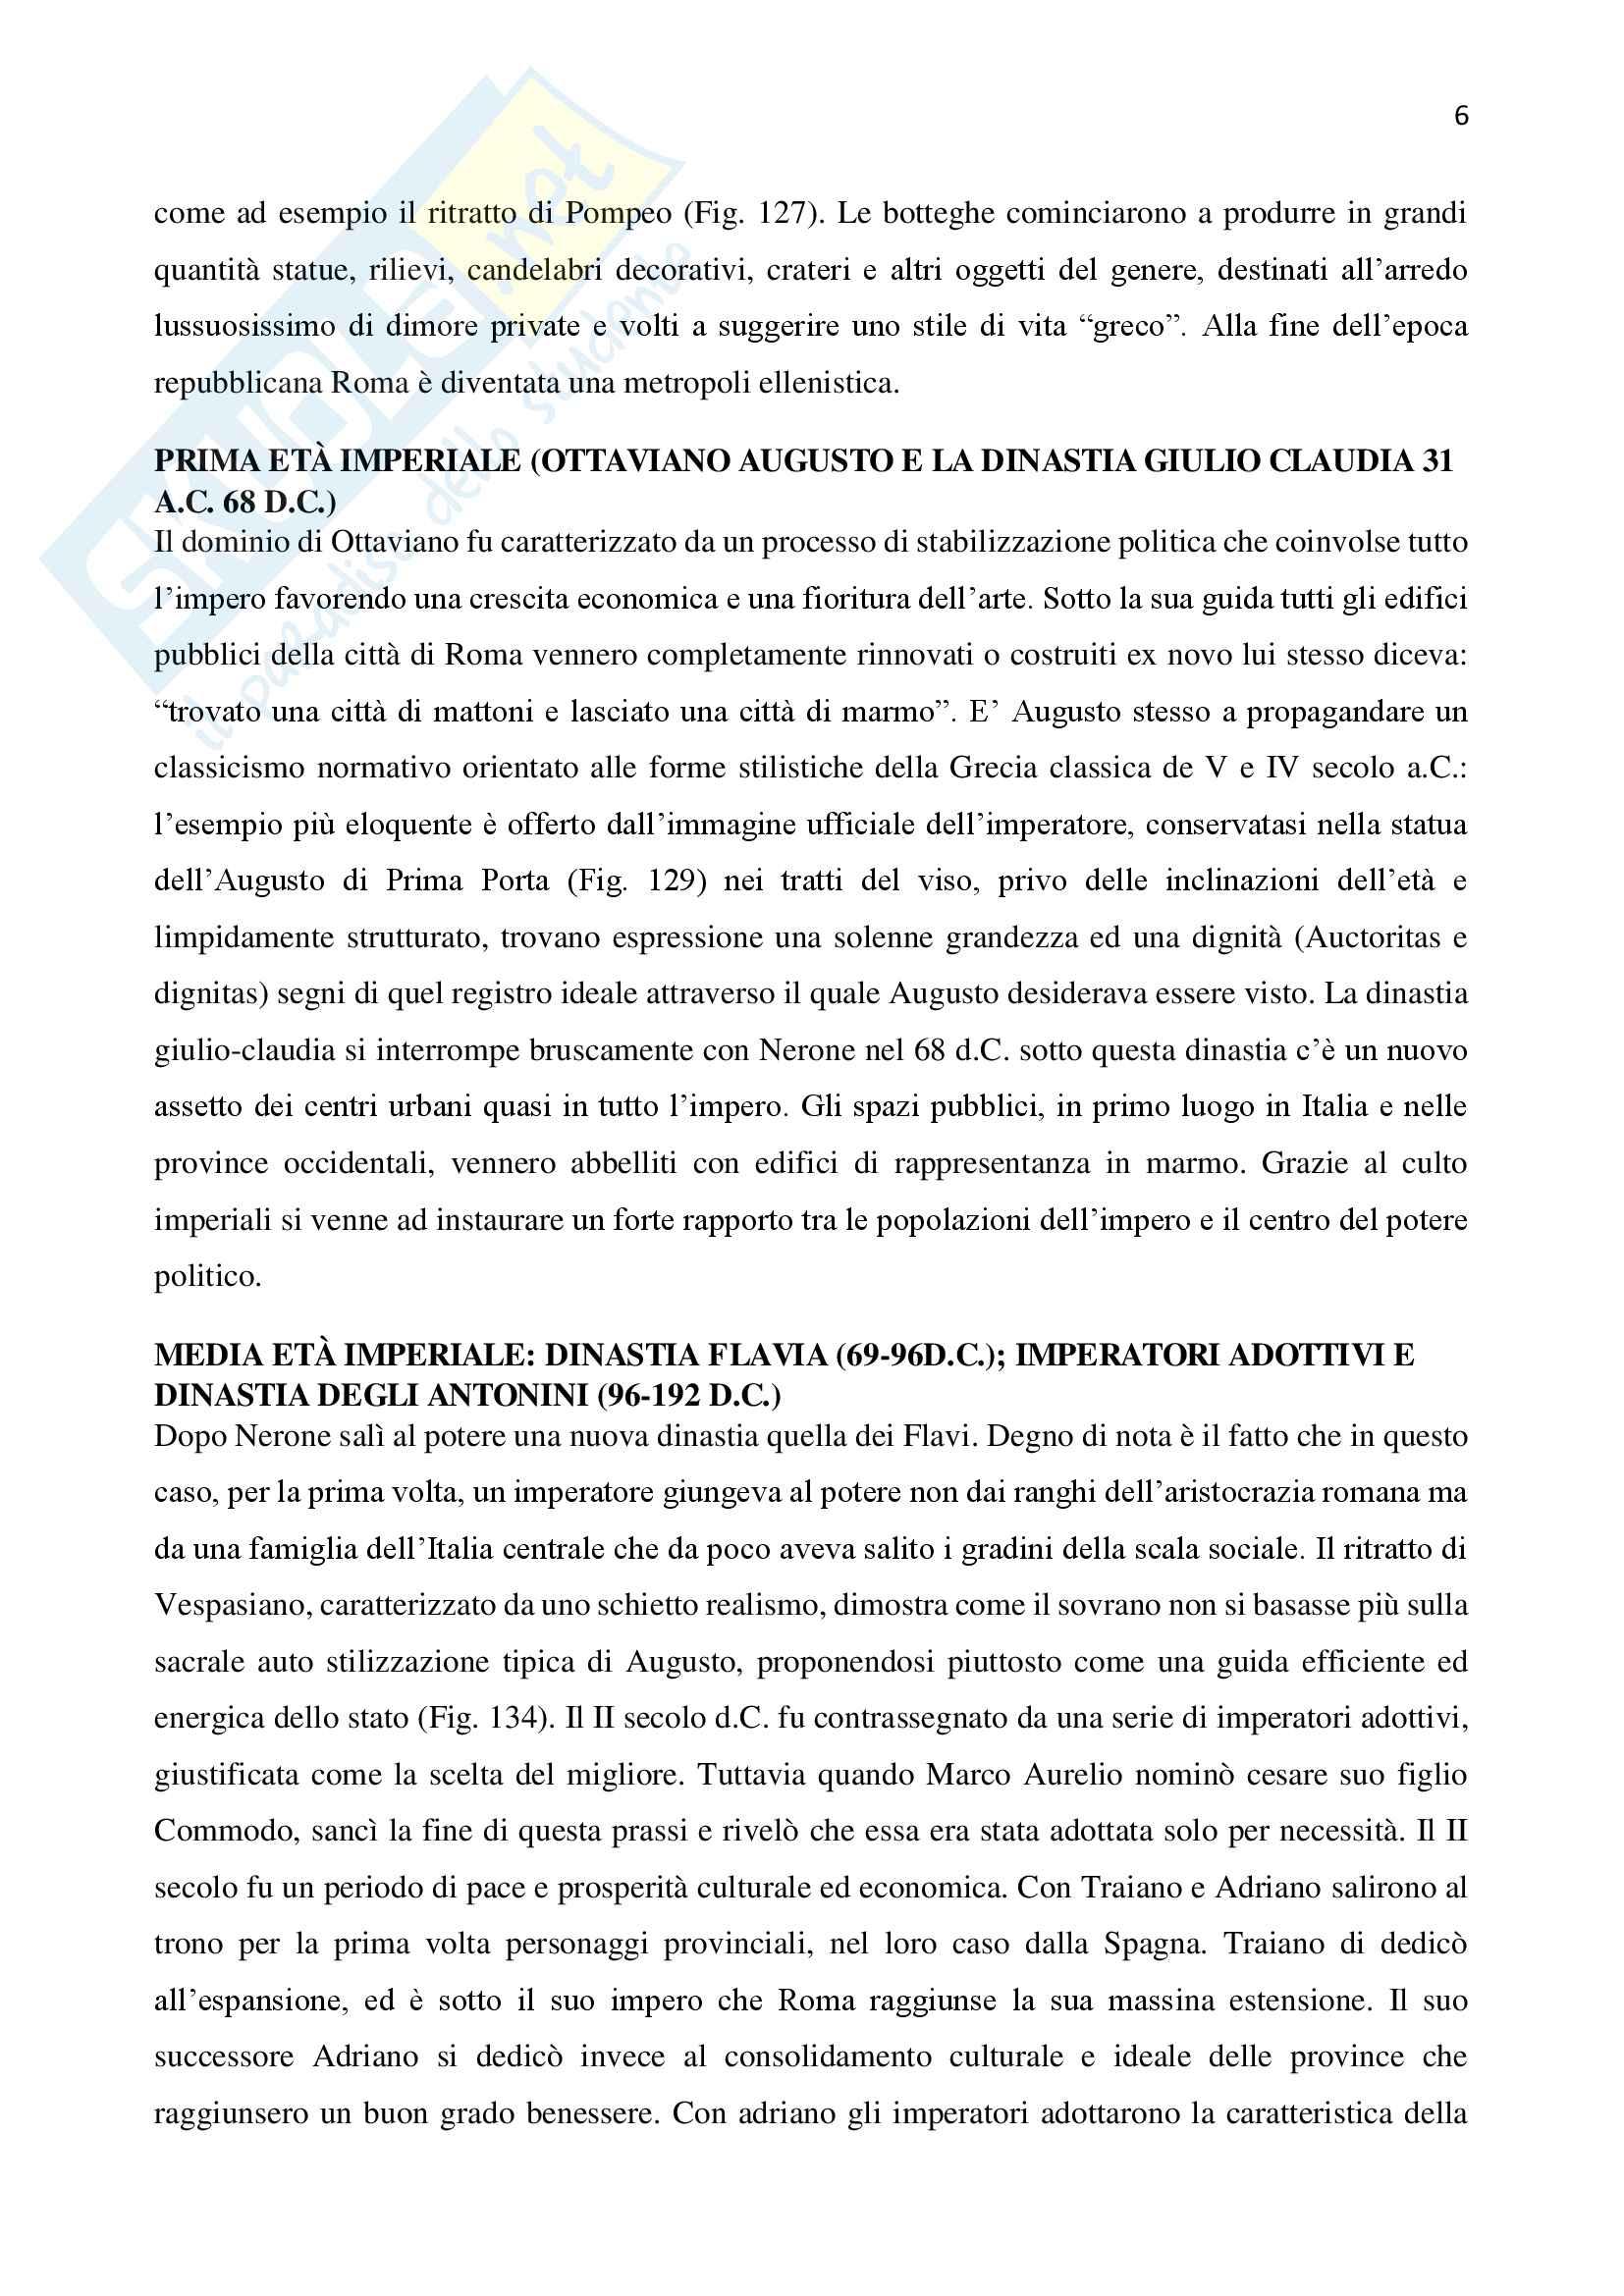 Riassunto esame archeologia greca e romana del professor Lippolis, libro consigliato L'archeologia classica: un'introduzione a cura di Tonio Hölscher Pag. 6